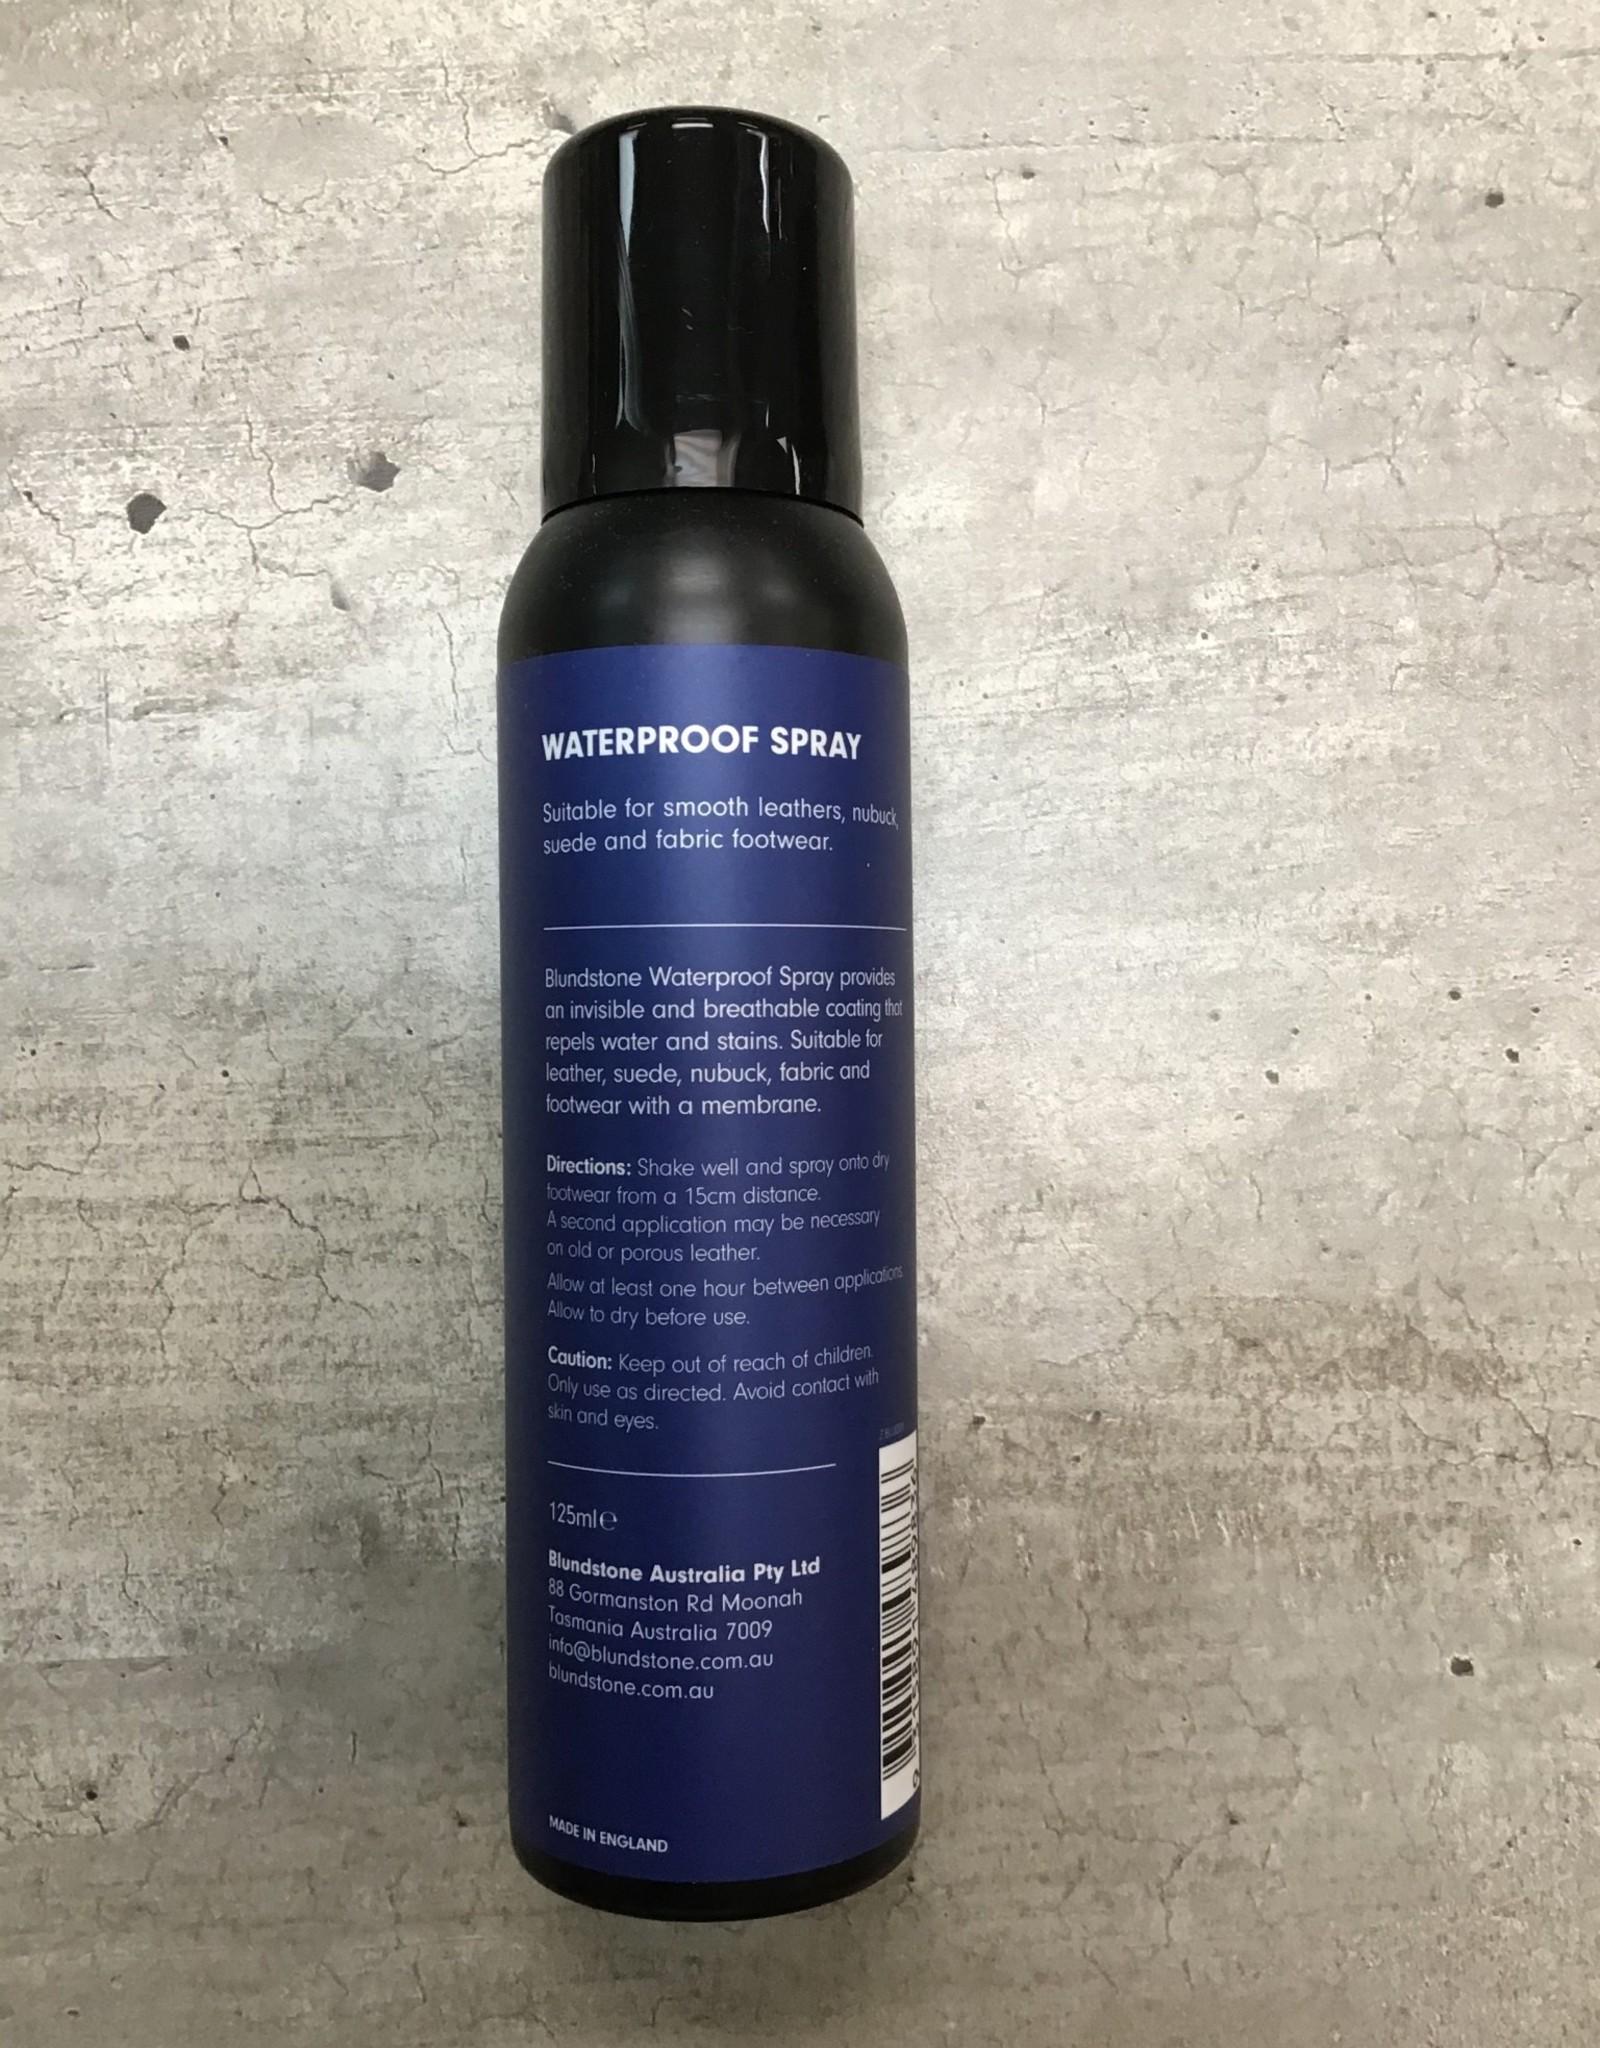 Blundstone Blundstone Waterproof Spray